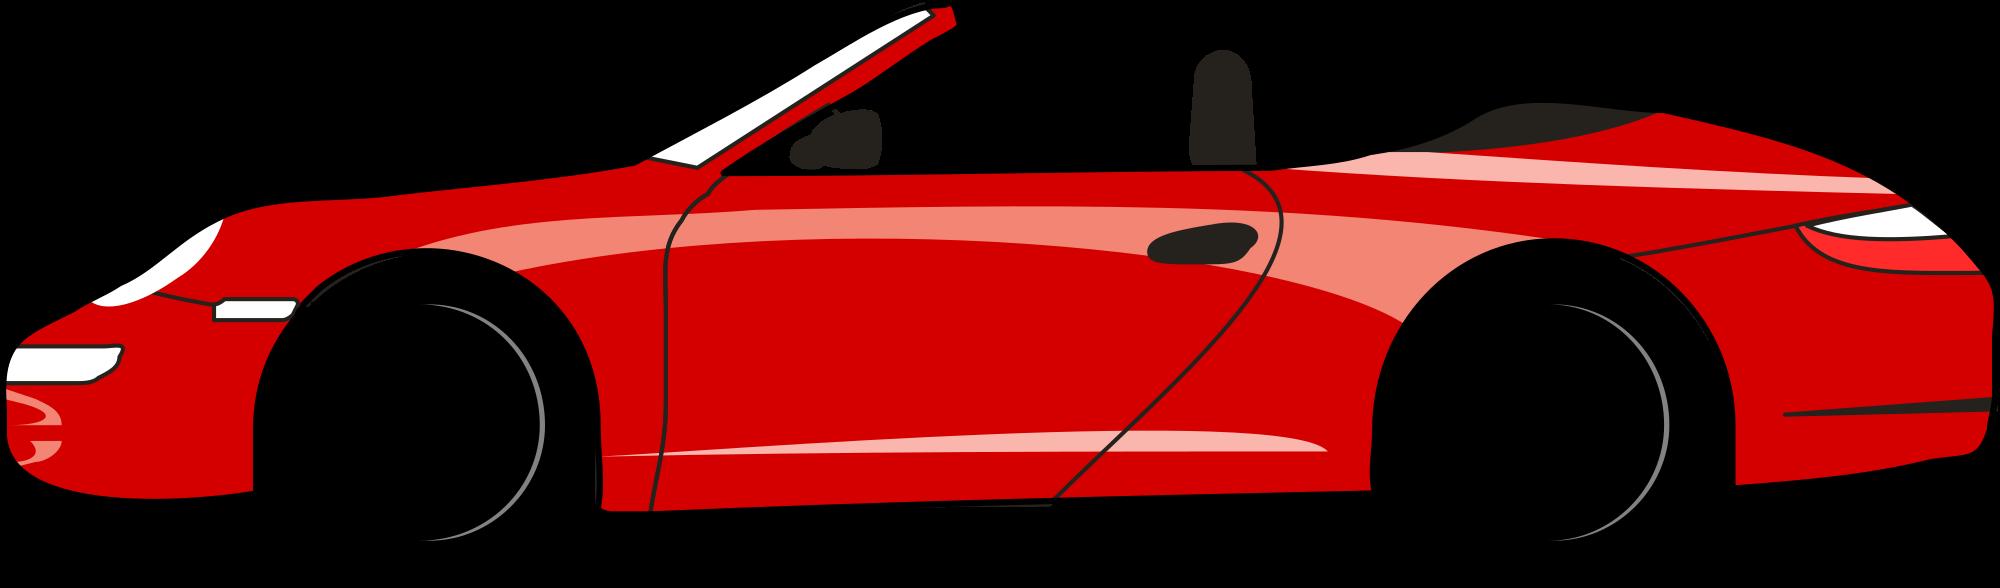 2000x588 Car Clip Art 4